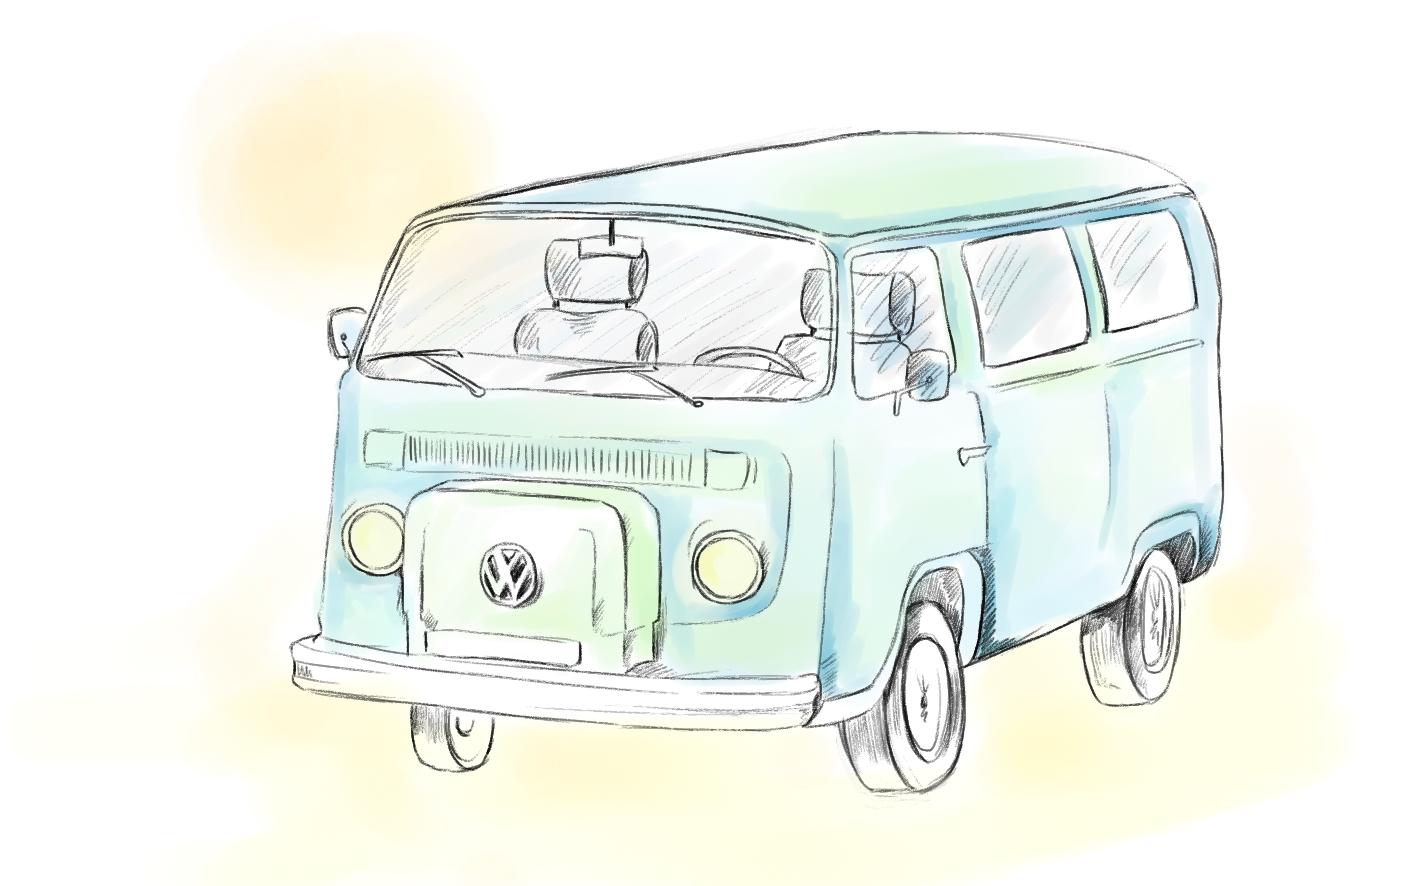 Vw Bus Malvorlage Auto zeichnungen Auto zeichnen Autos